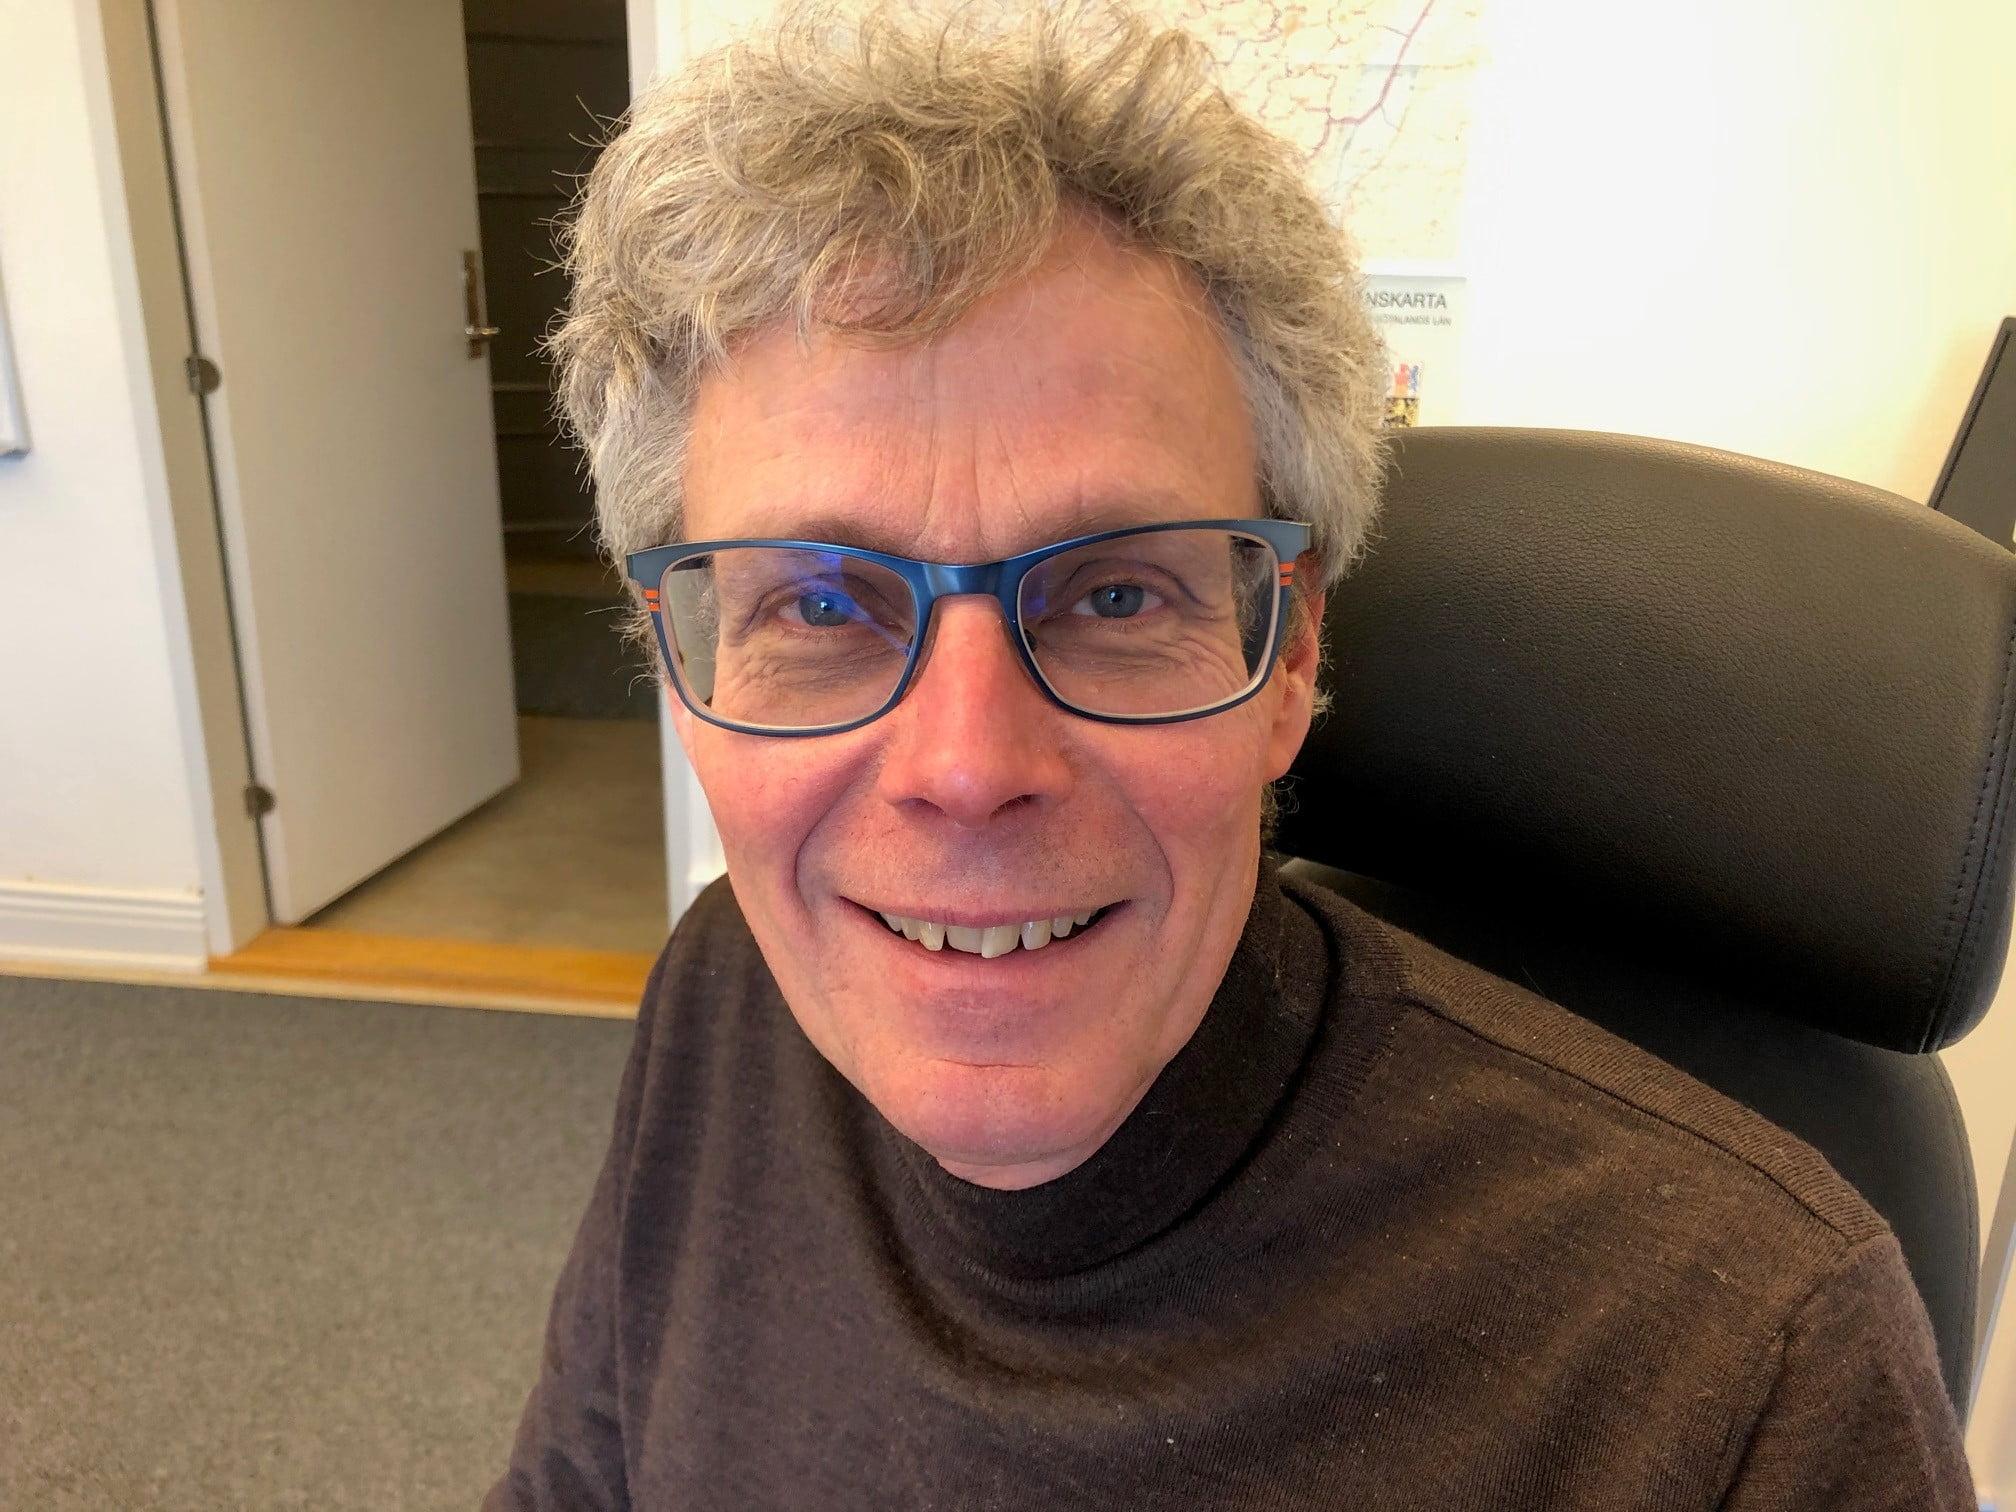 Gabriel Skarbäck